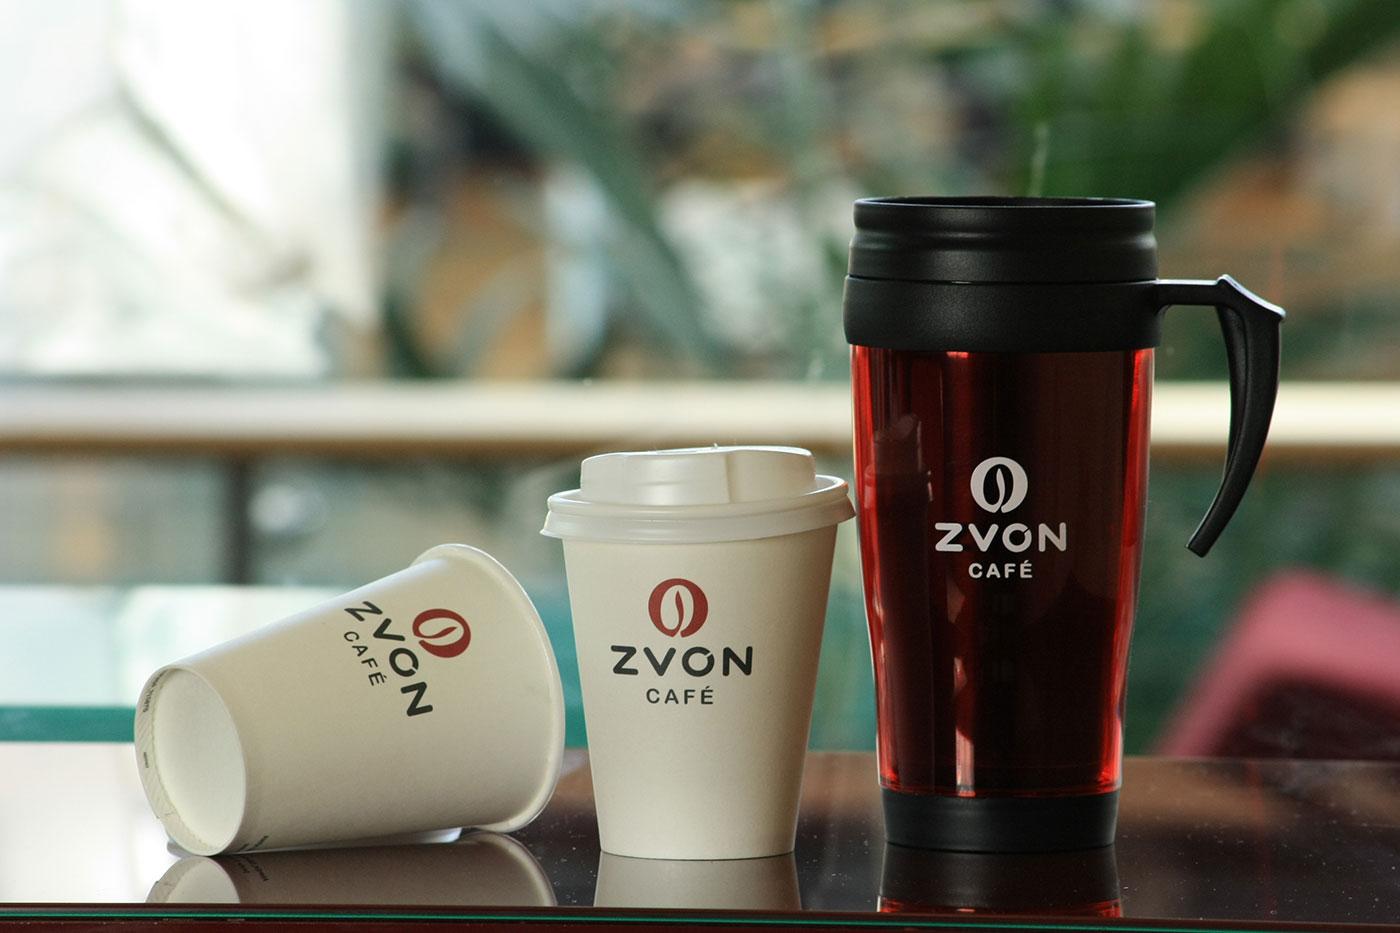 Zvon Café